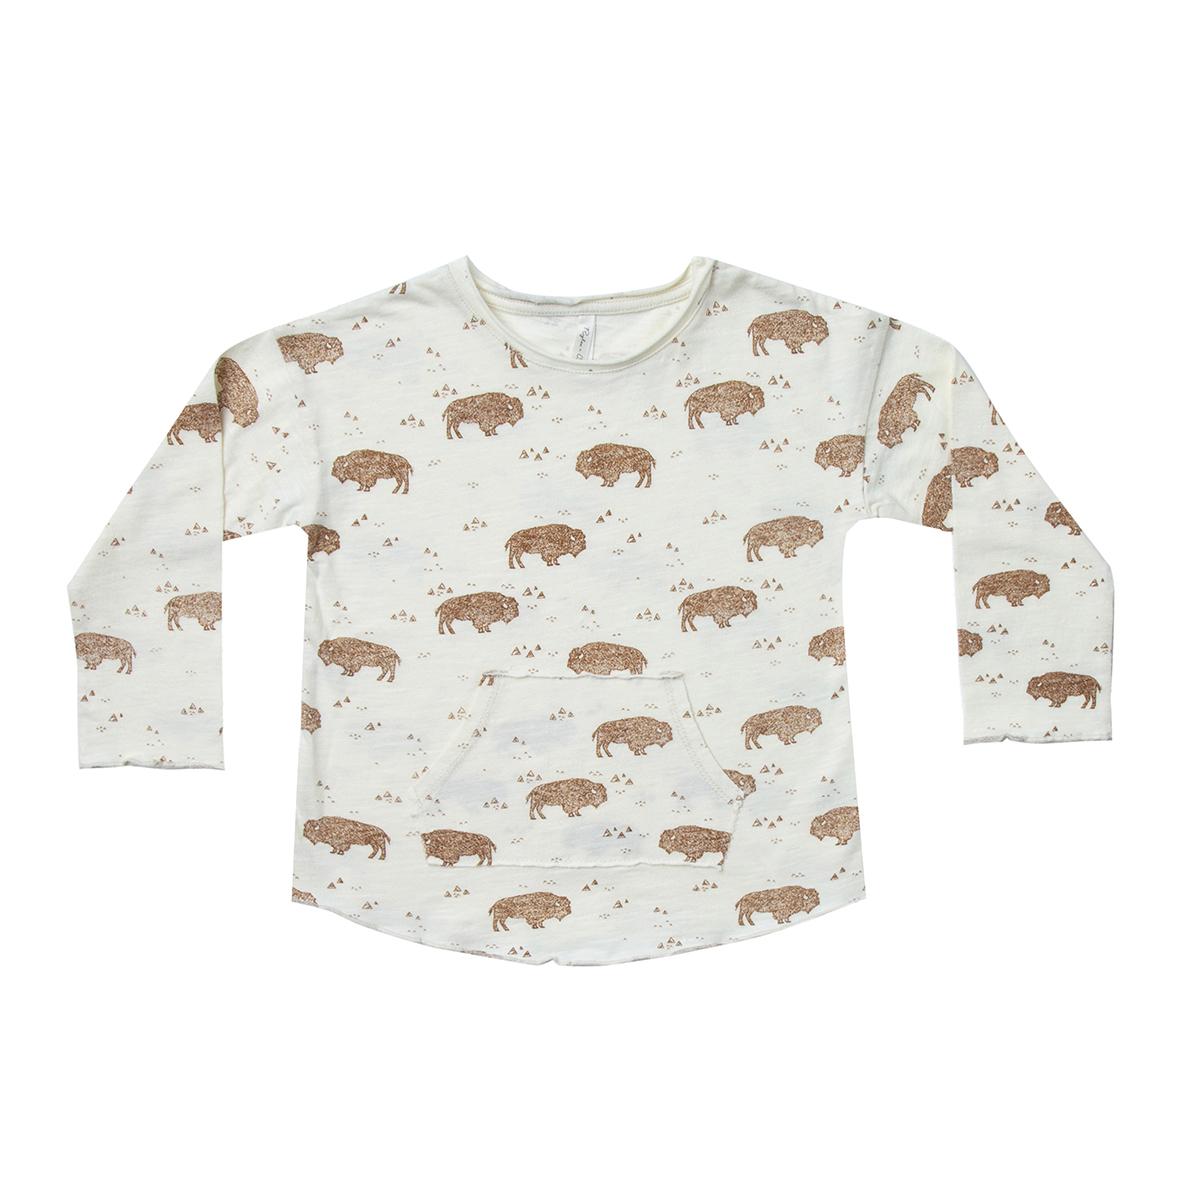 Hauts bébé T-shirt Buffalo Ivoire - 12/18 Mois T-shirt Buffalo Ivoire - 12/18 Mois